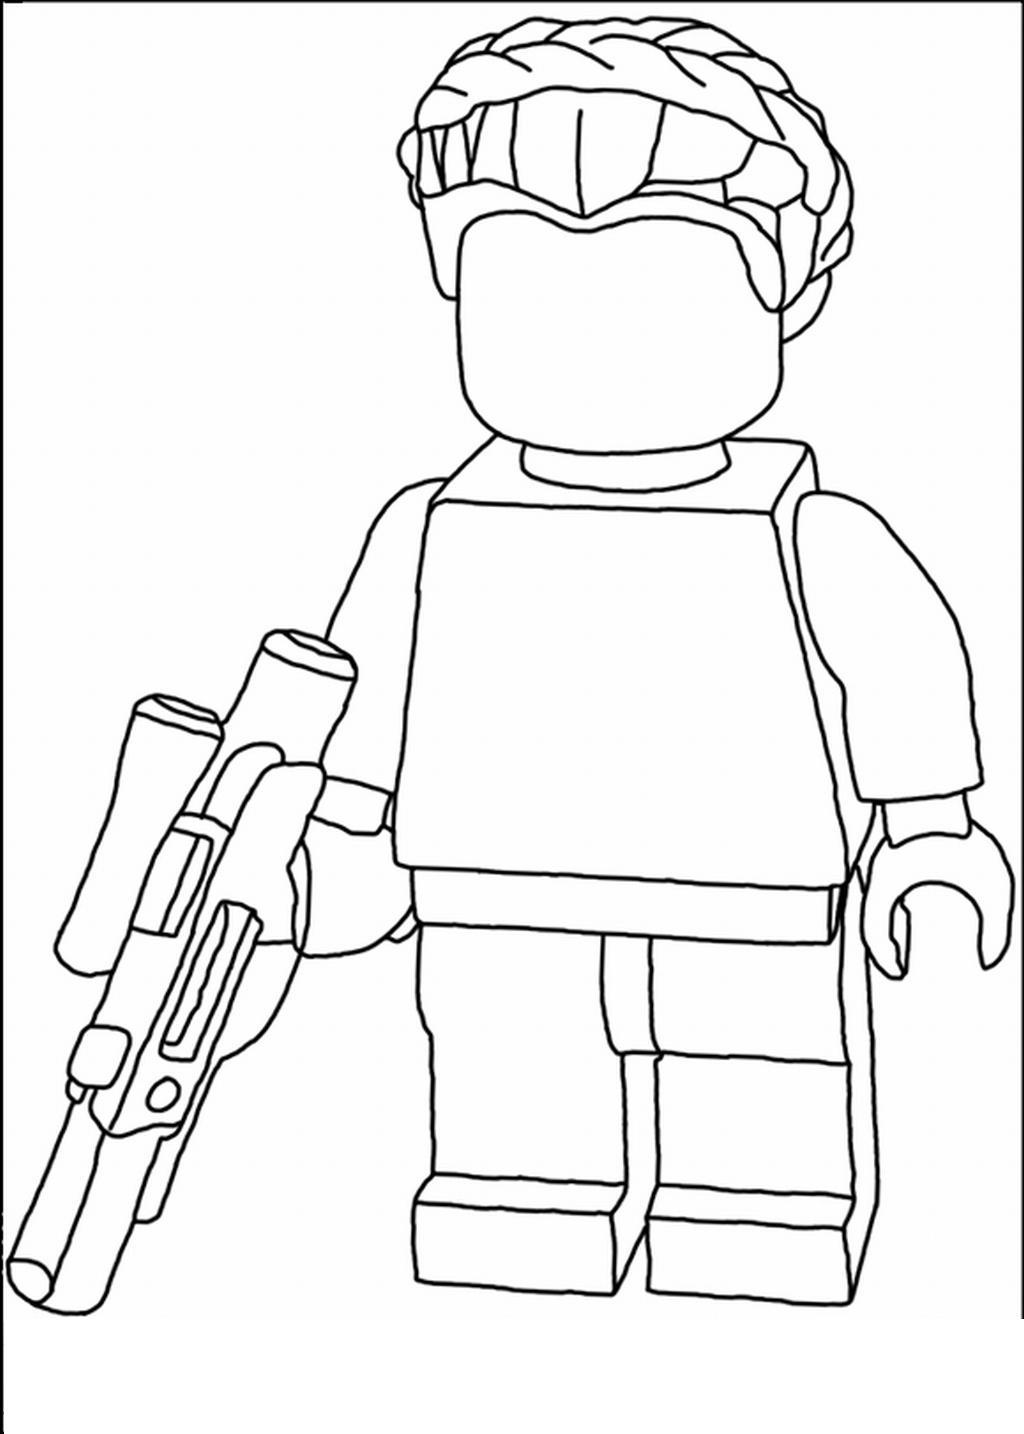 Лего робот Раскраски для детей мальчиков